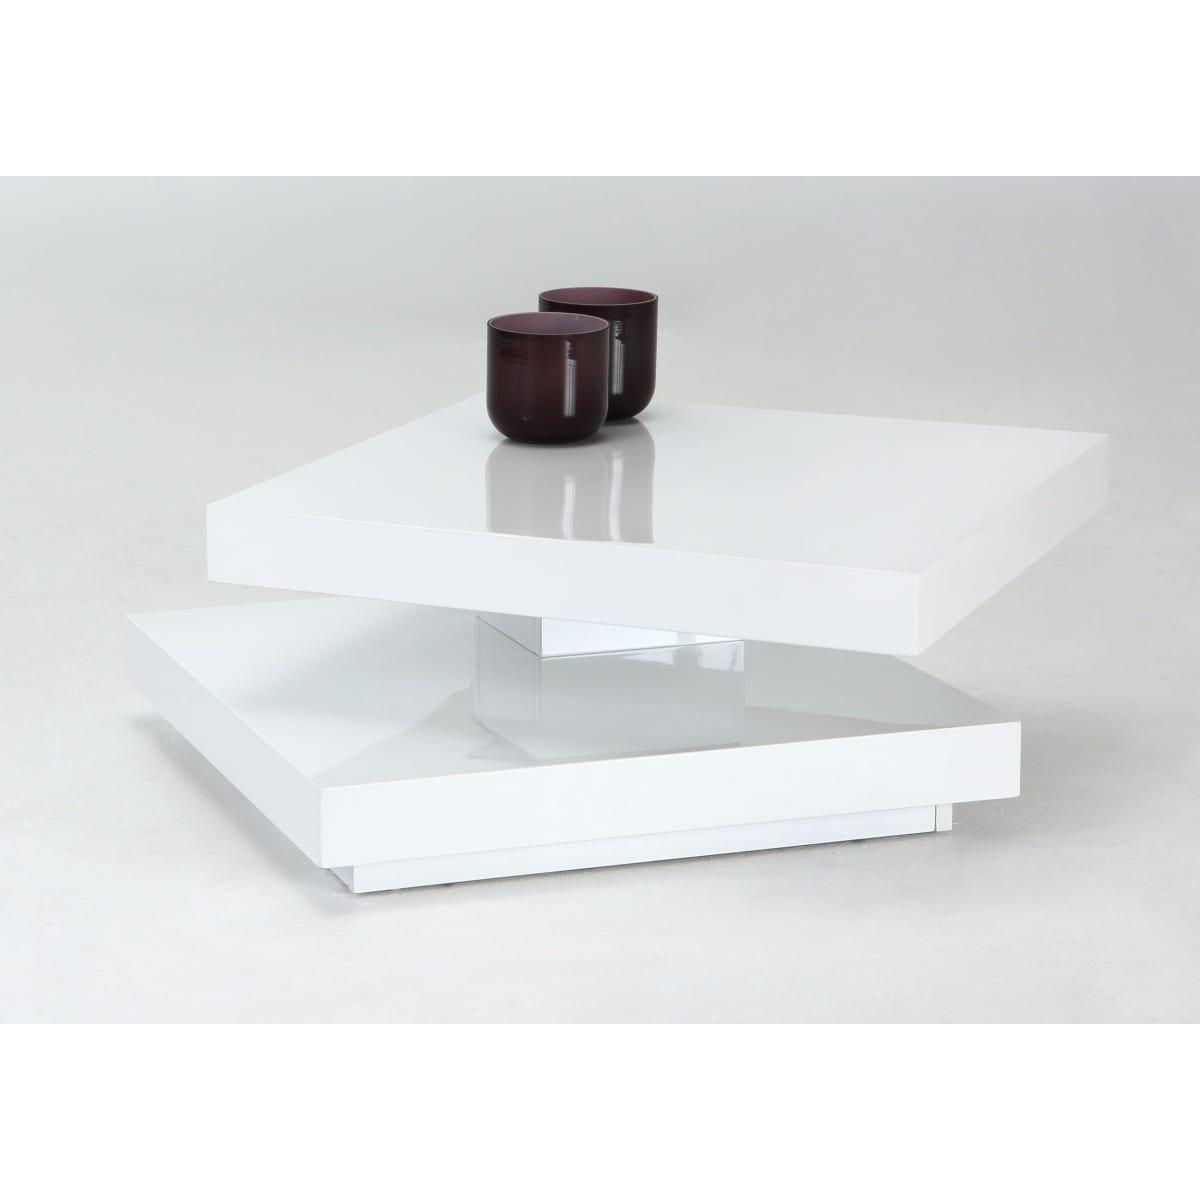 Couchtisch Weiß Hochglanz  Couchtische & Beistelltische